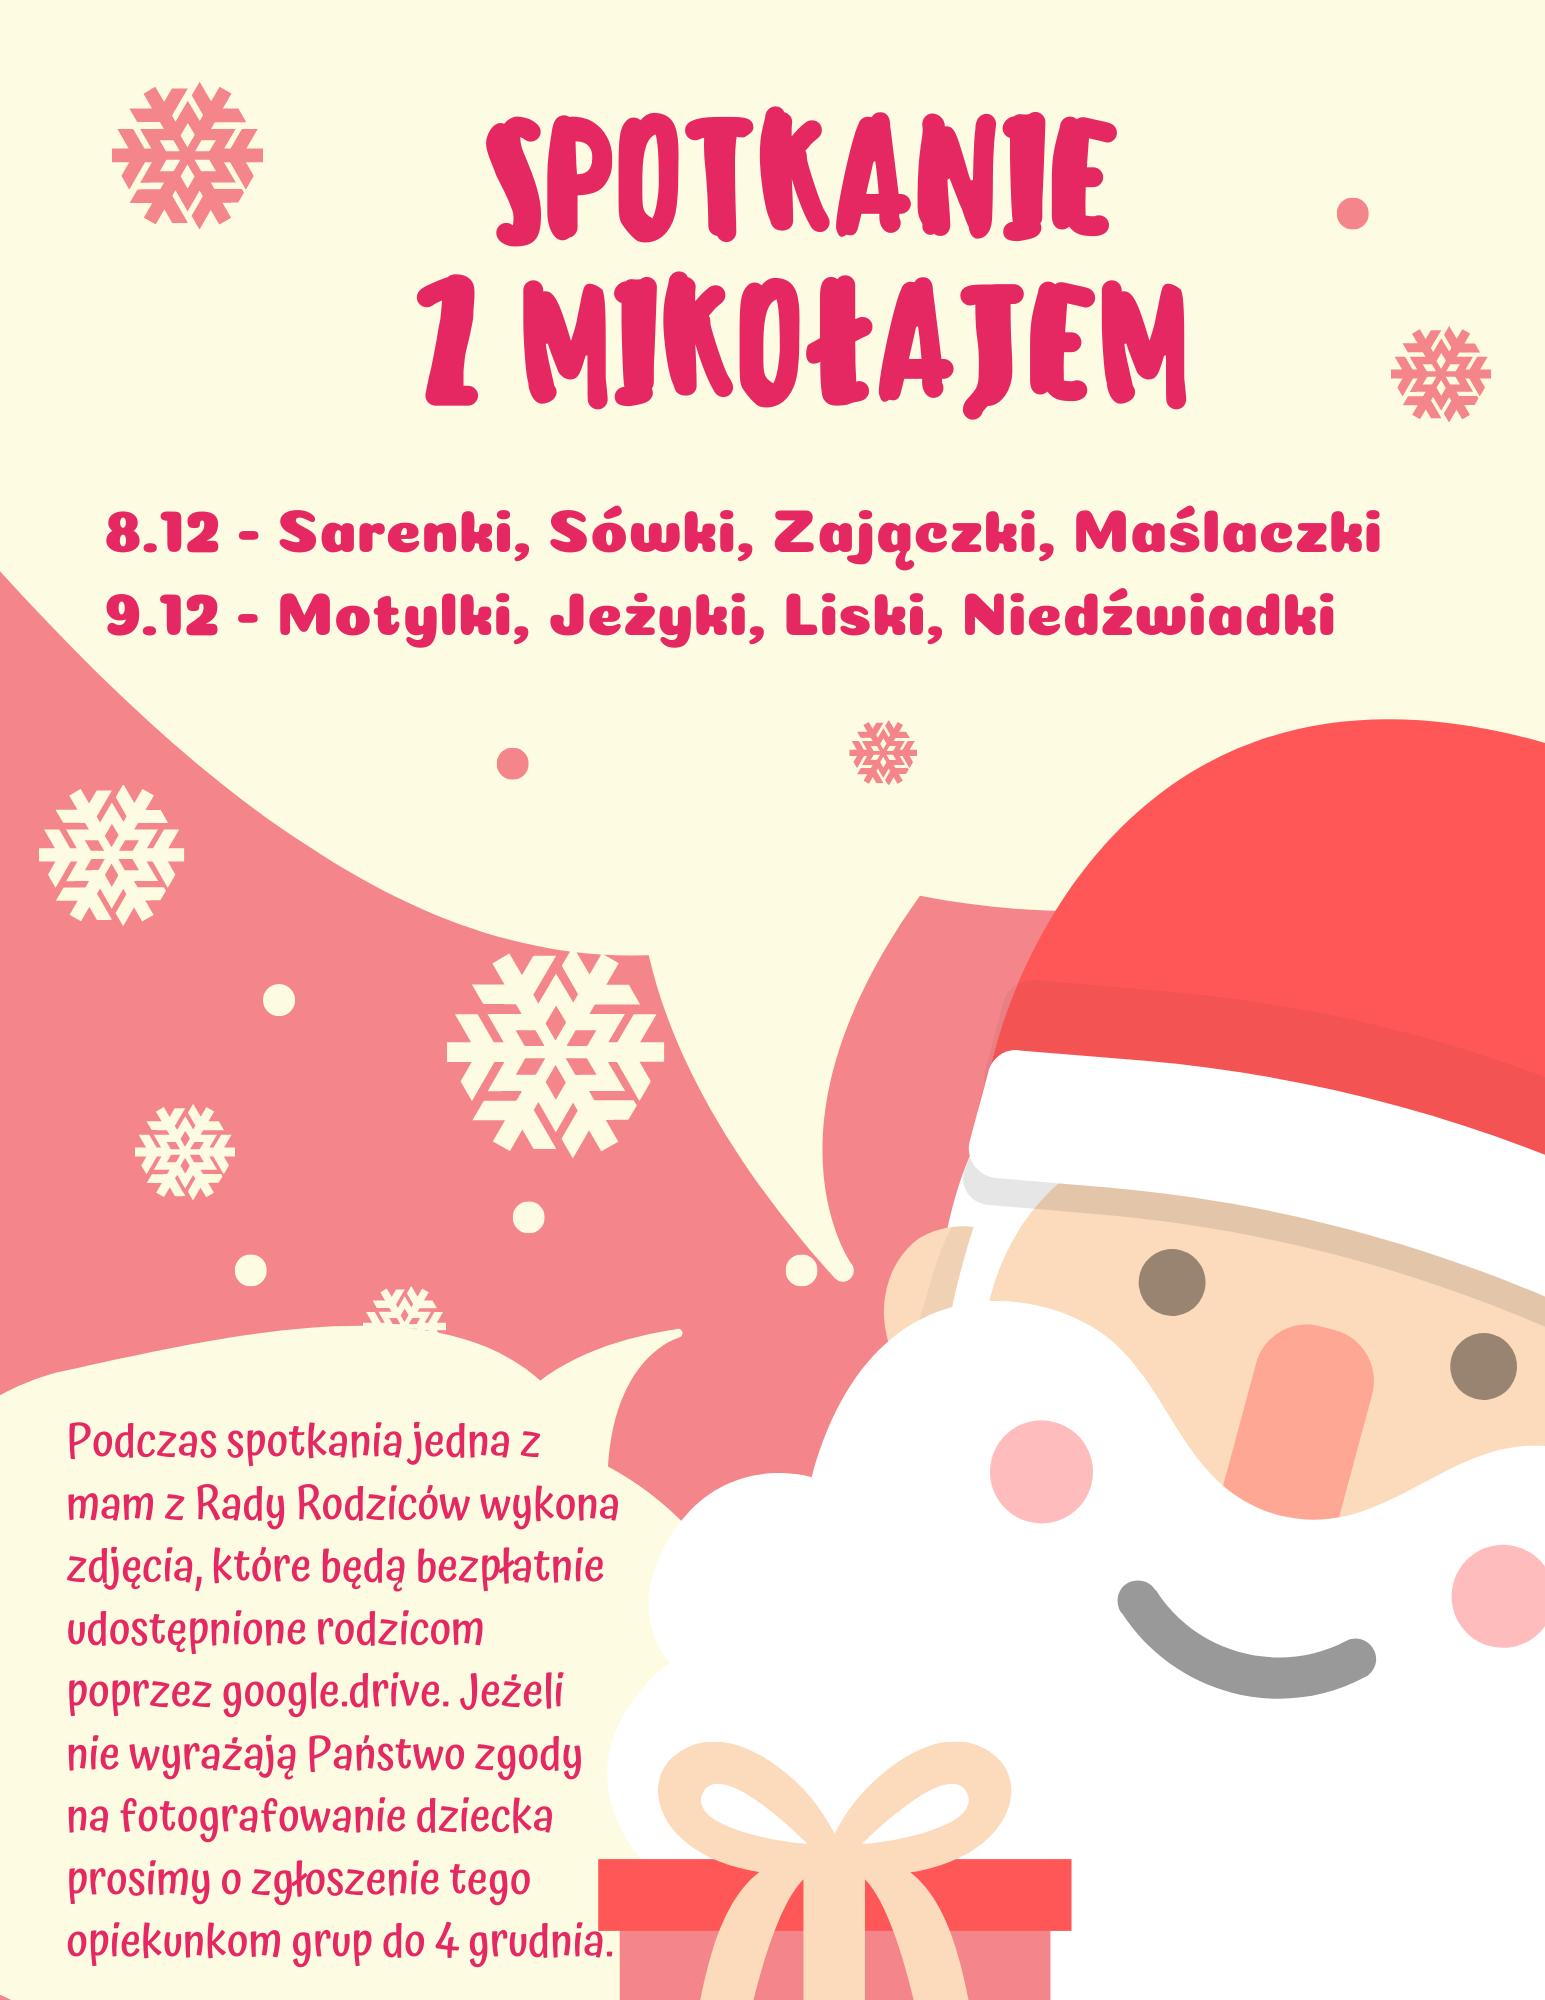 Spotkanie z Mikołajem.png